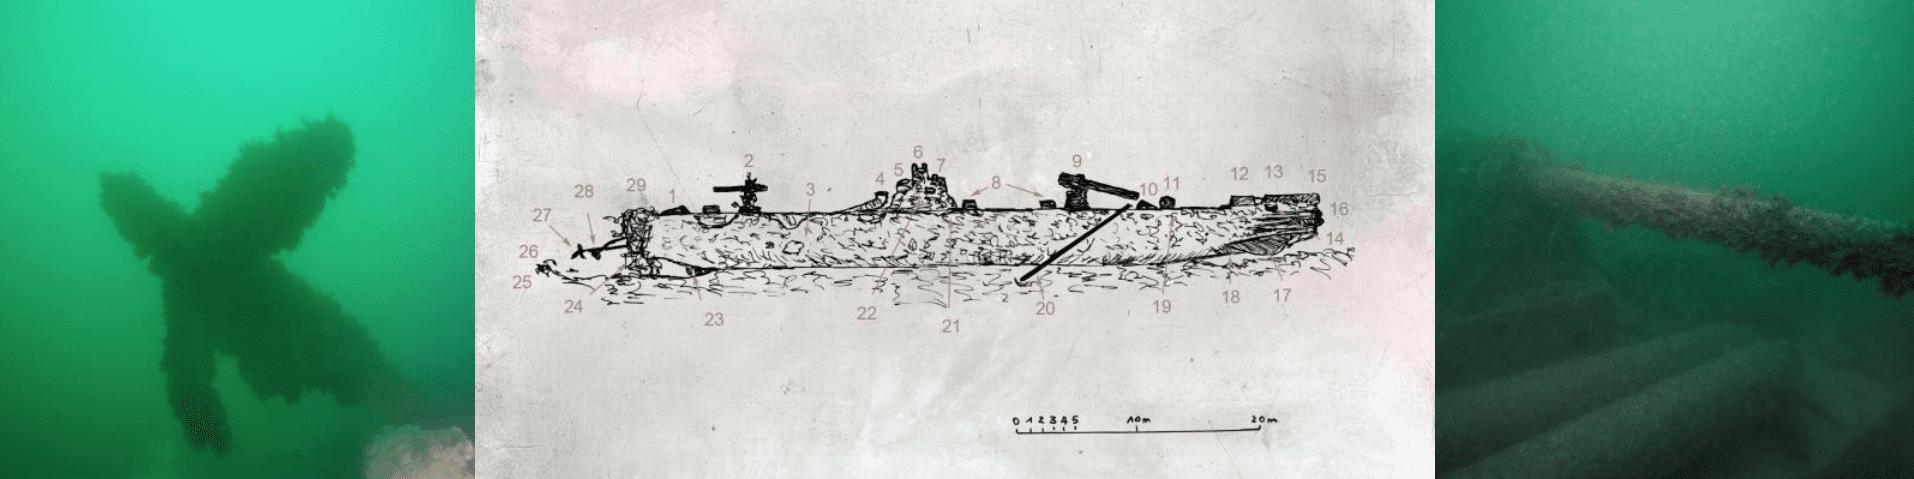 U-95 Dive 1